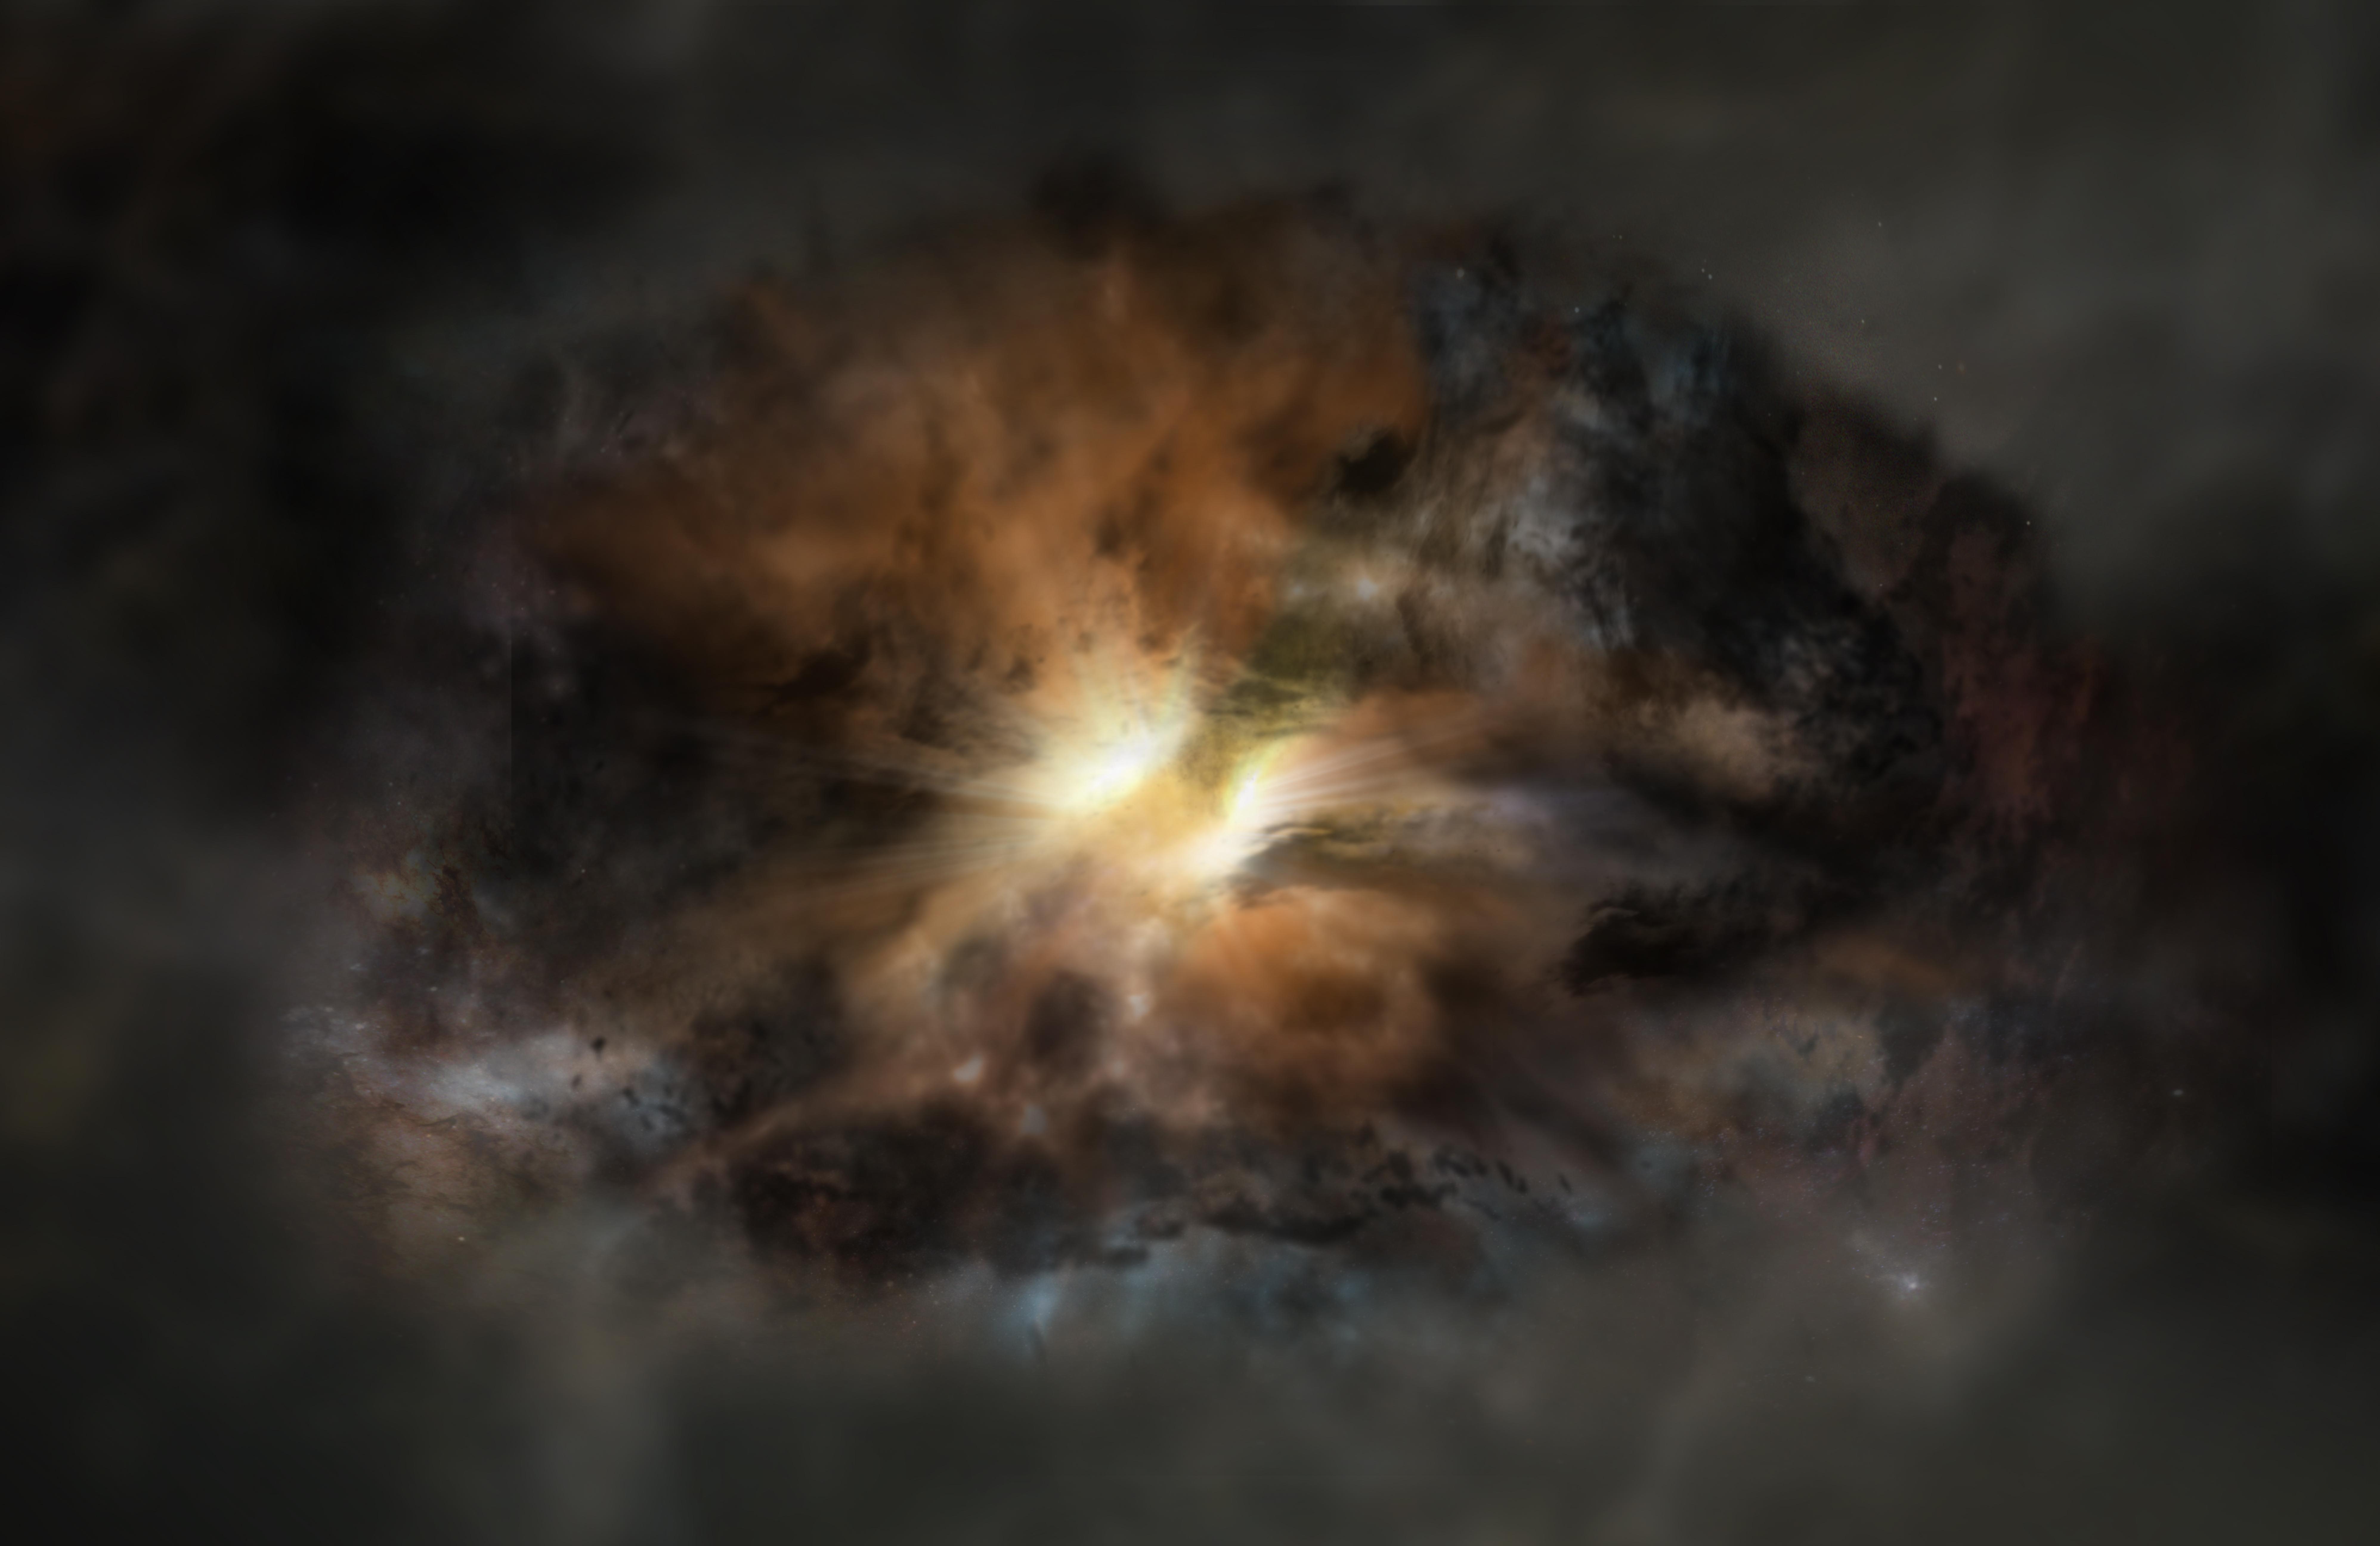 Luminous Galactic Explosion